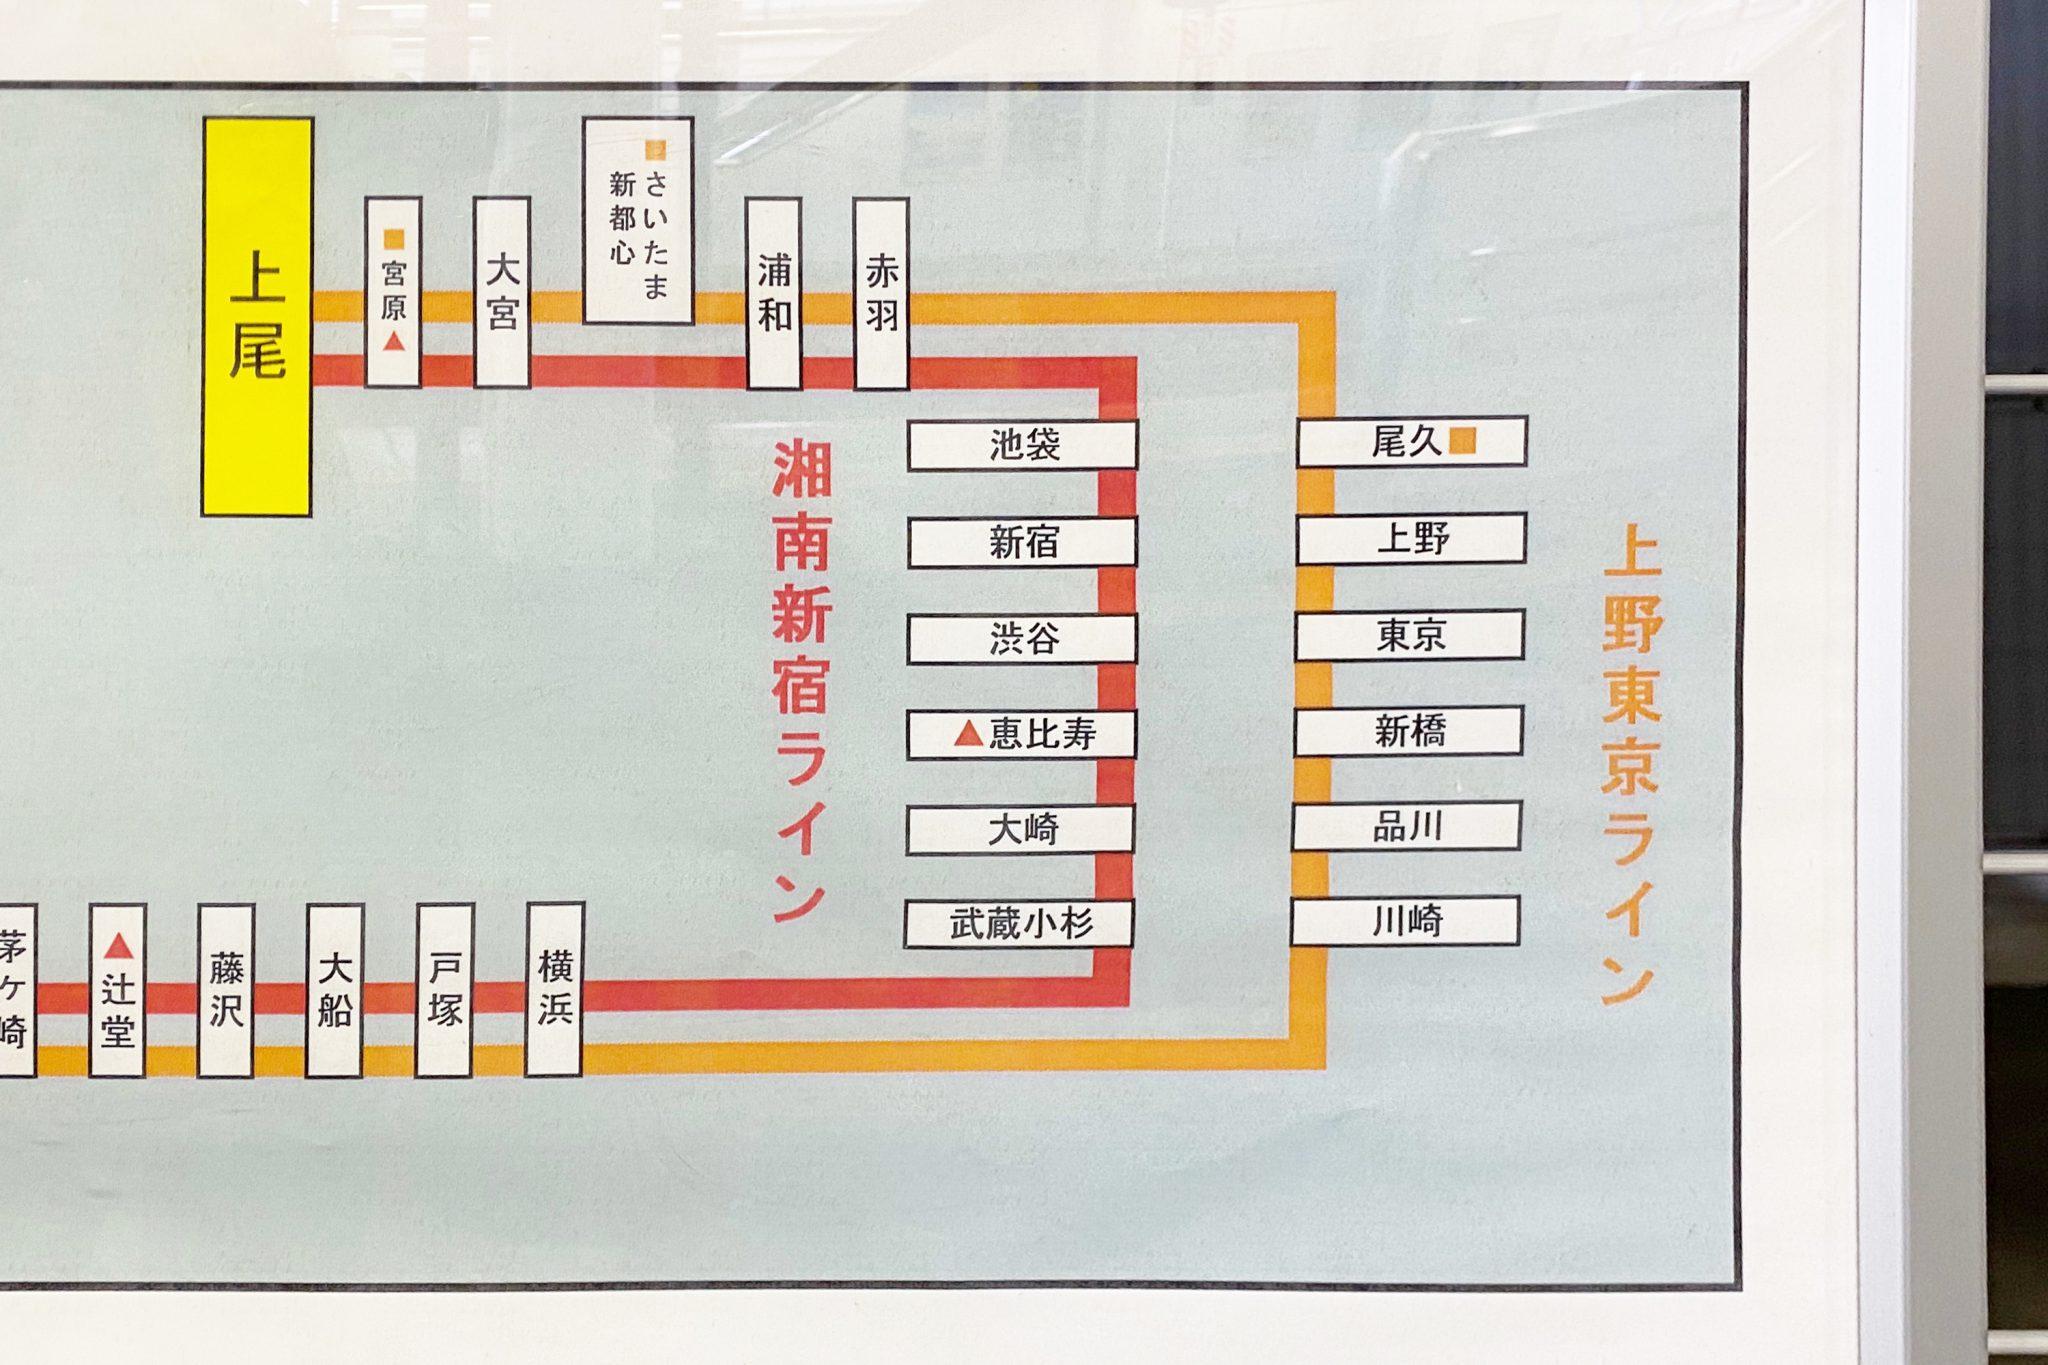 上尾駅 路線図